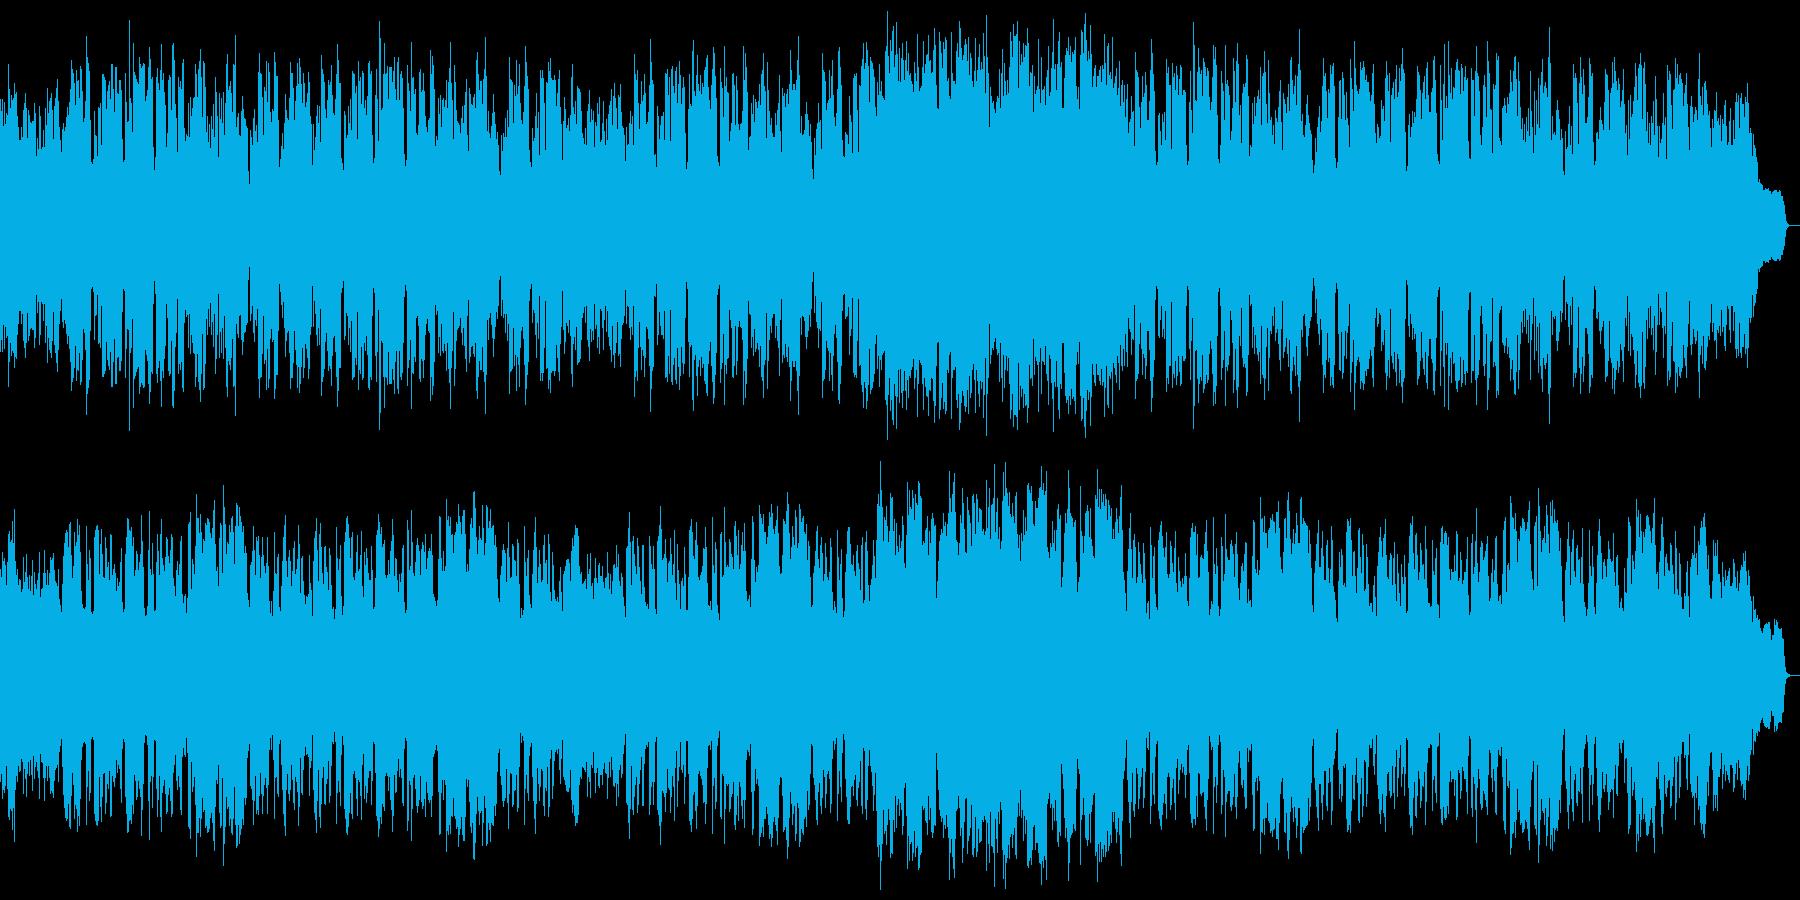 センチメンタルで爽やかな感じのフルート曲の再生済みの波形